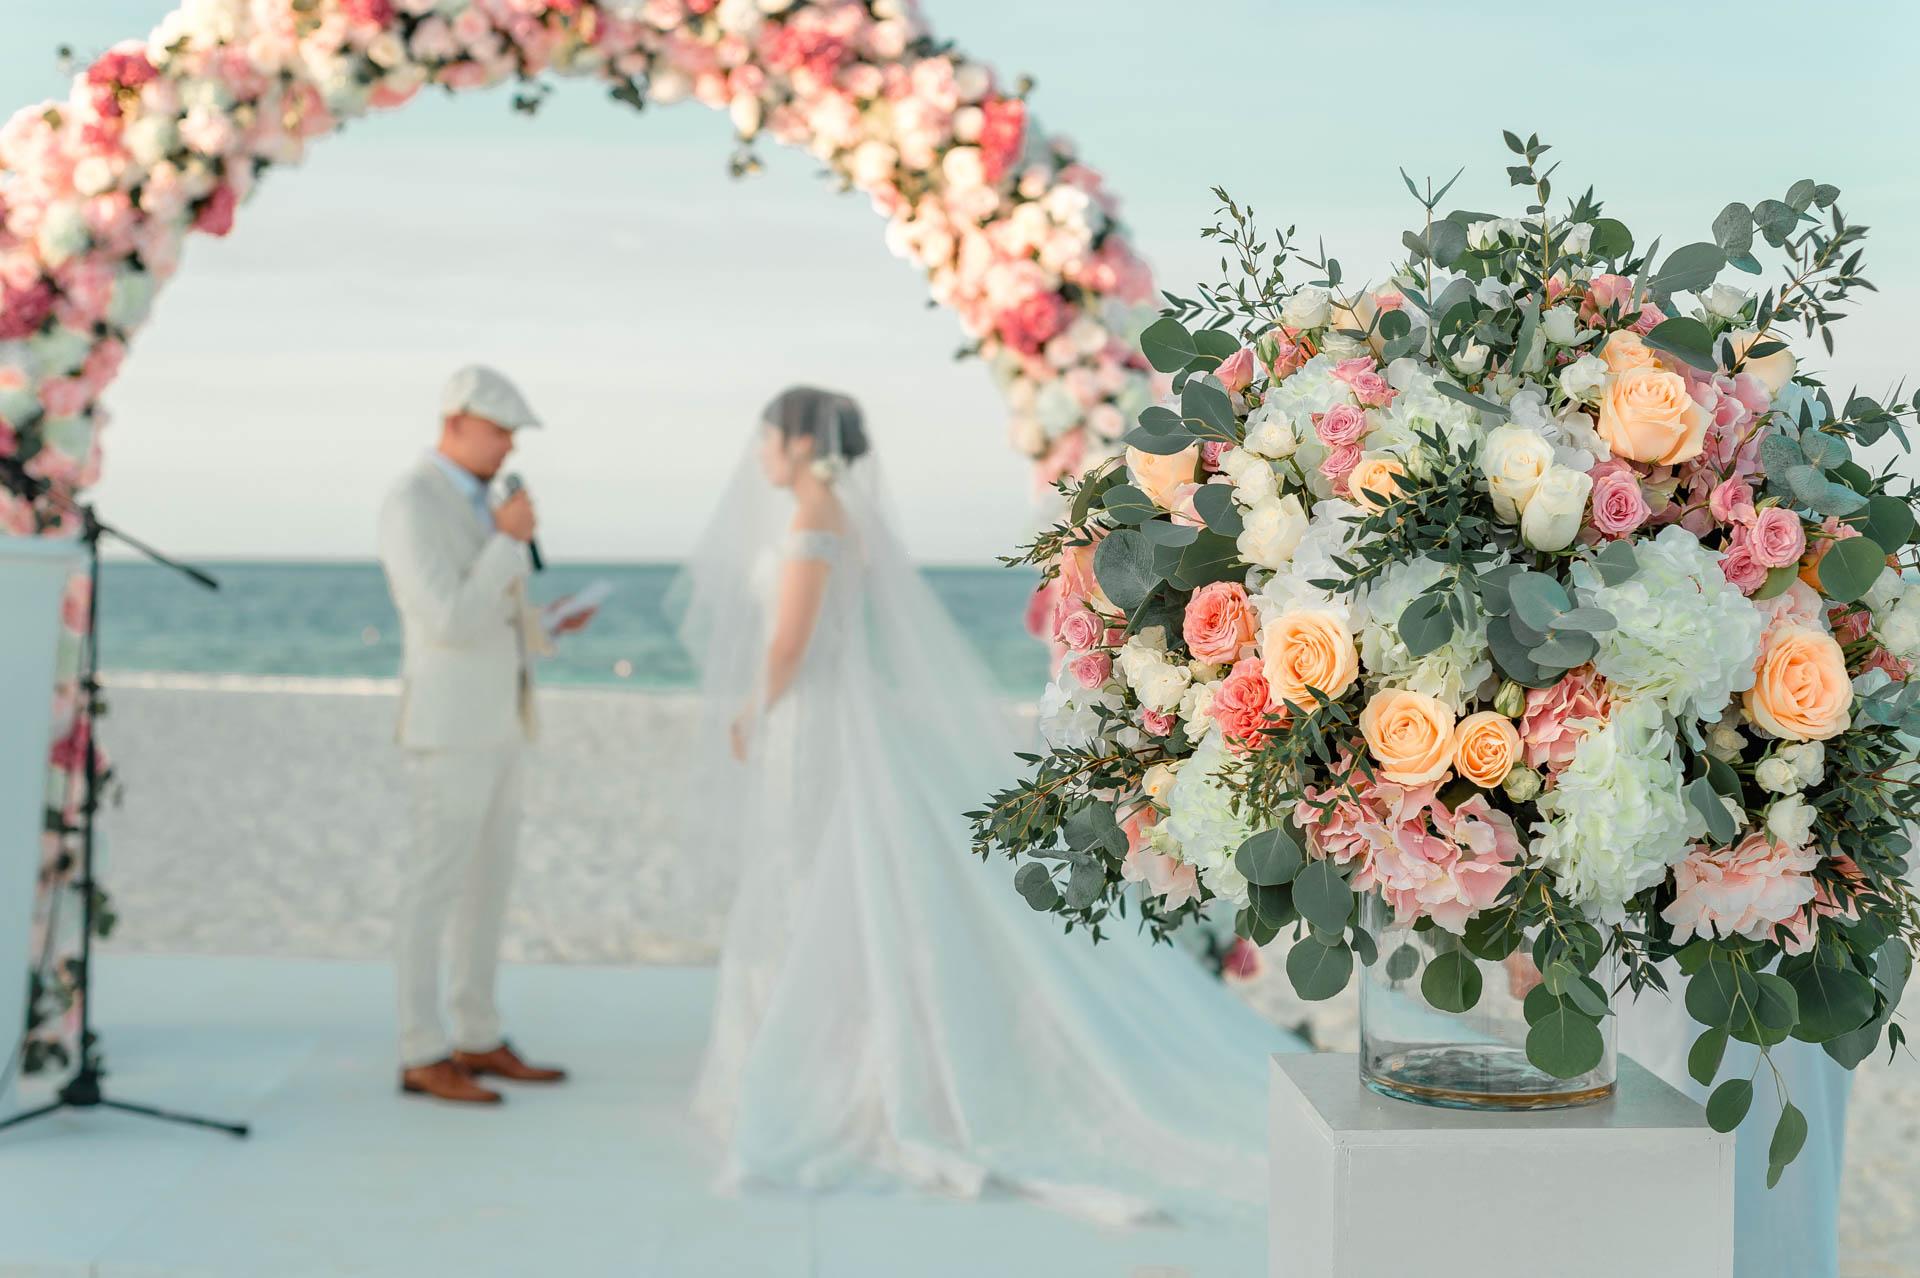 Nuah Angel Maldives Wedding at Reethi Faru Resort by Asad 308